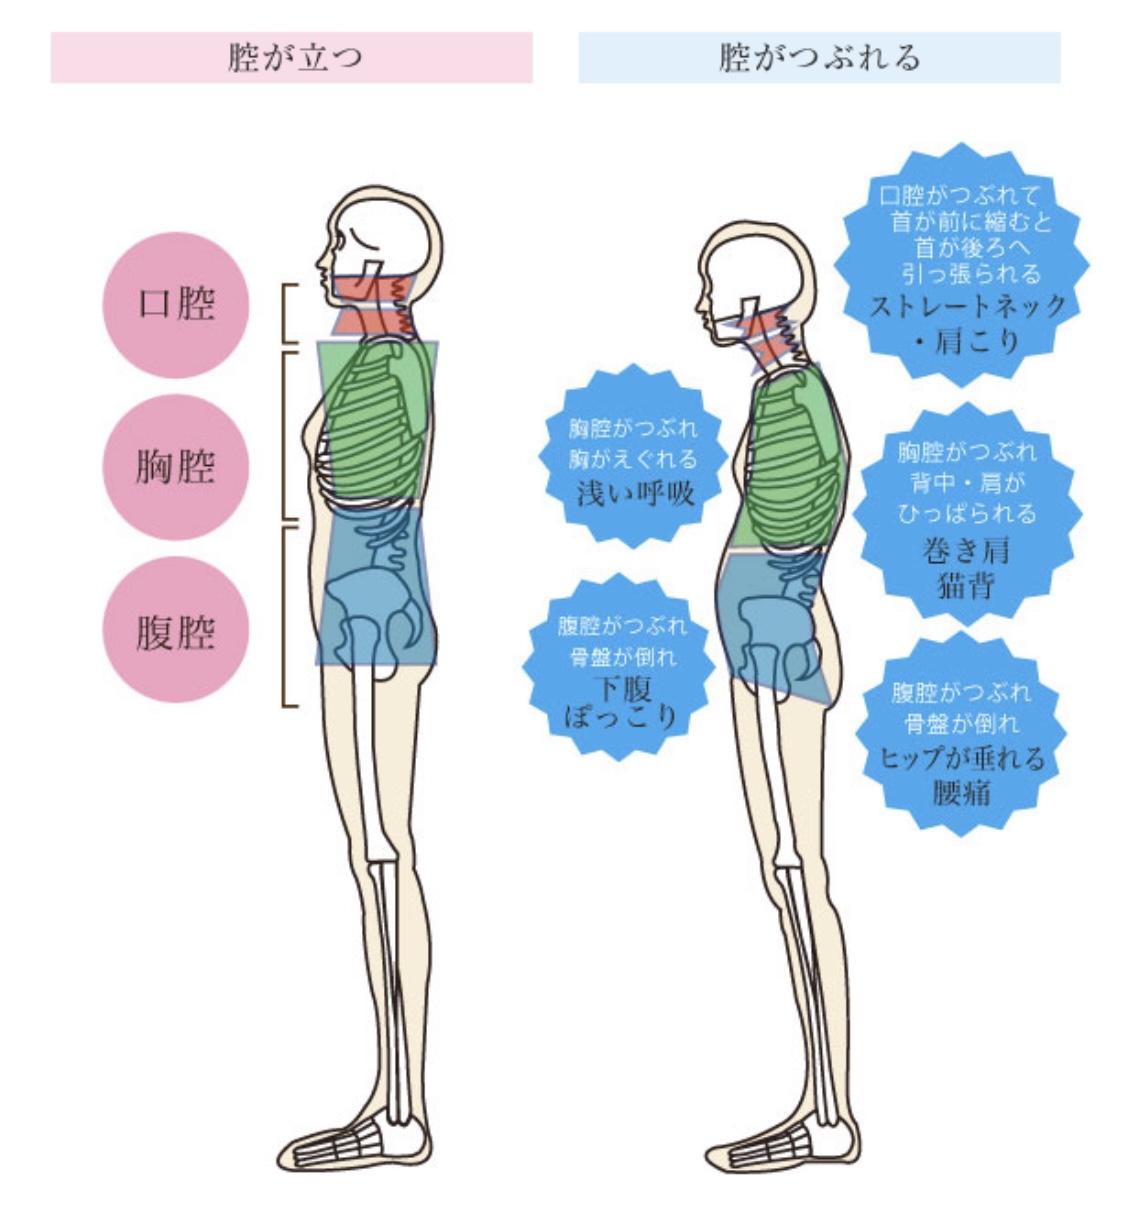 全身の機能改善さとう式リンパケアとは | クリスタルビューティー 広島 天然100%ヘナ 美と健康のエステ